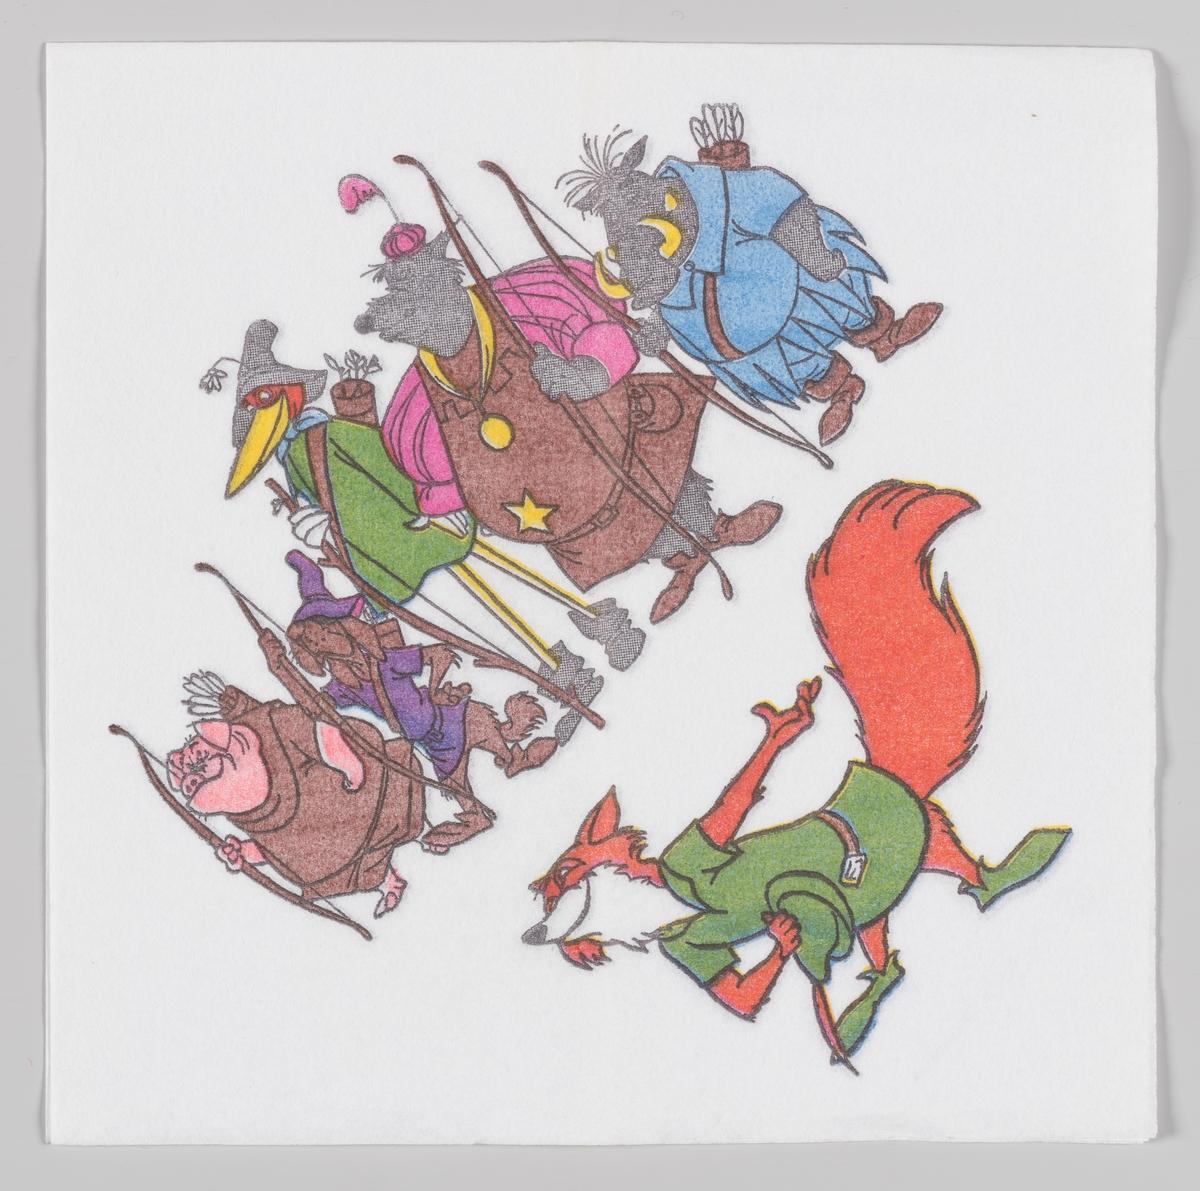 Robin Hood hilsen mens en gjeng med bueskyttere står bak ham  Walt Disney animasjonfilm Robin Hood kom i 1973.